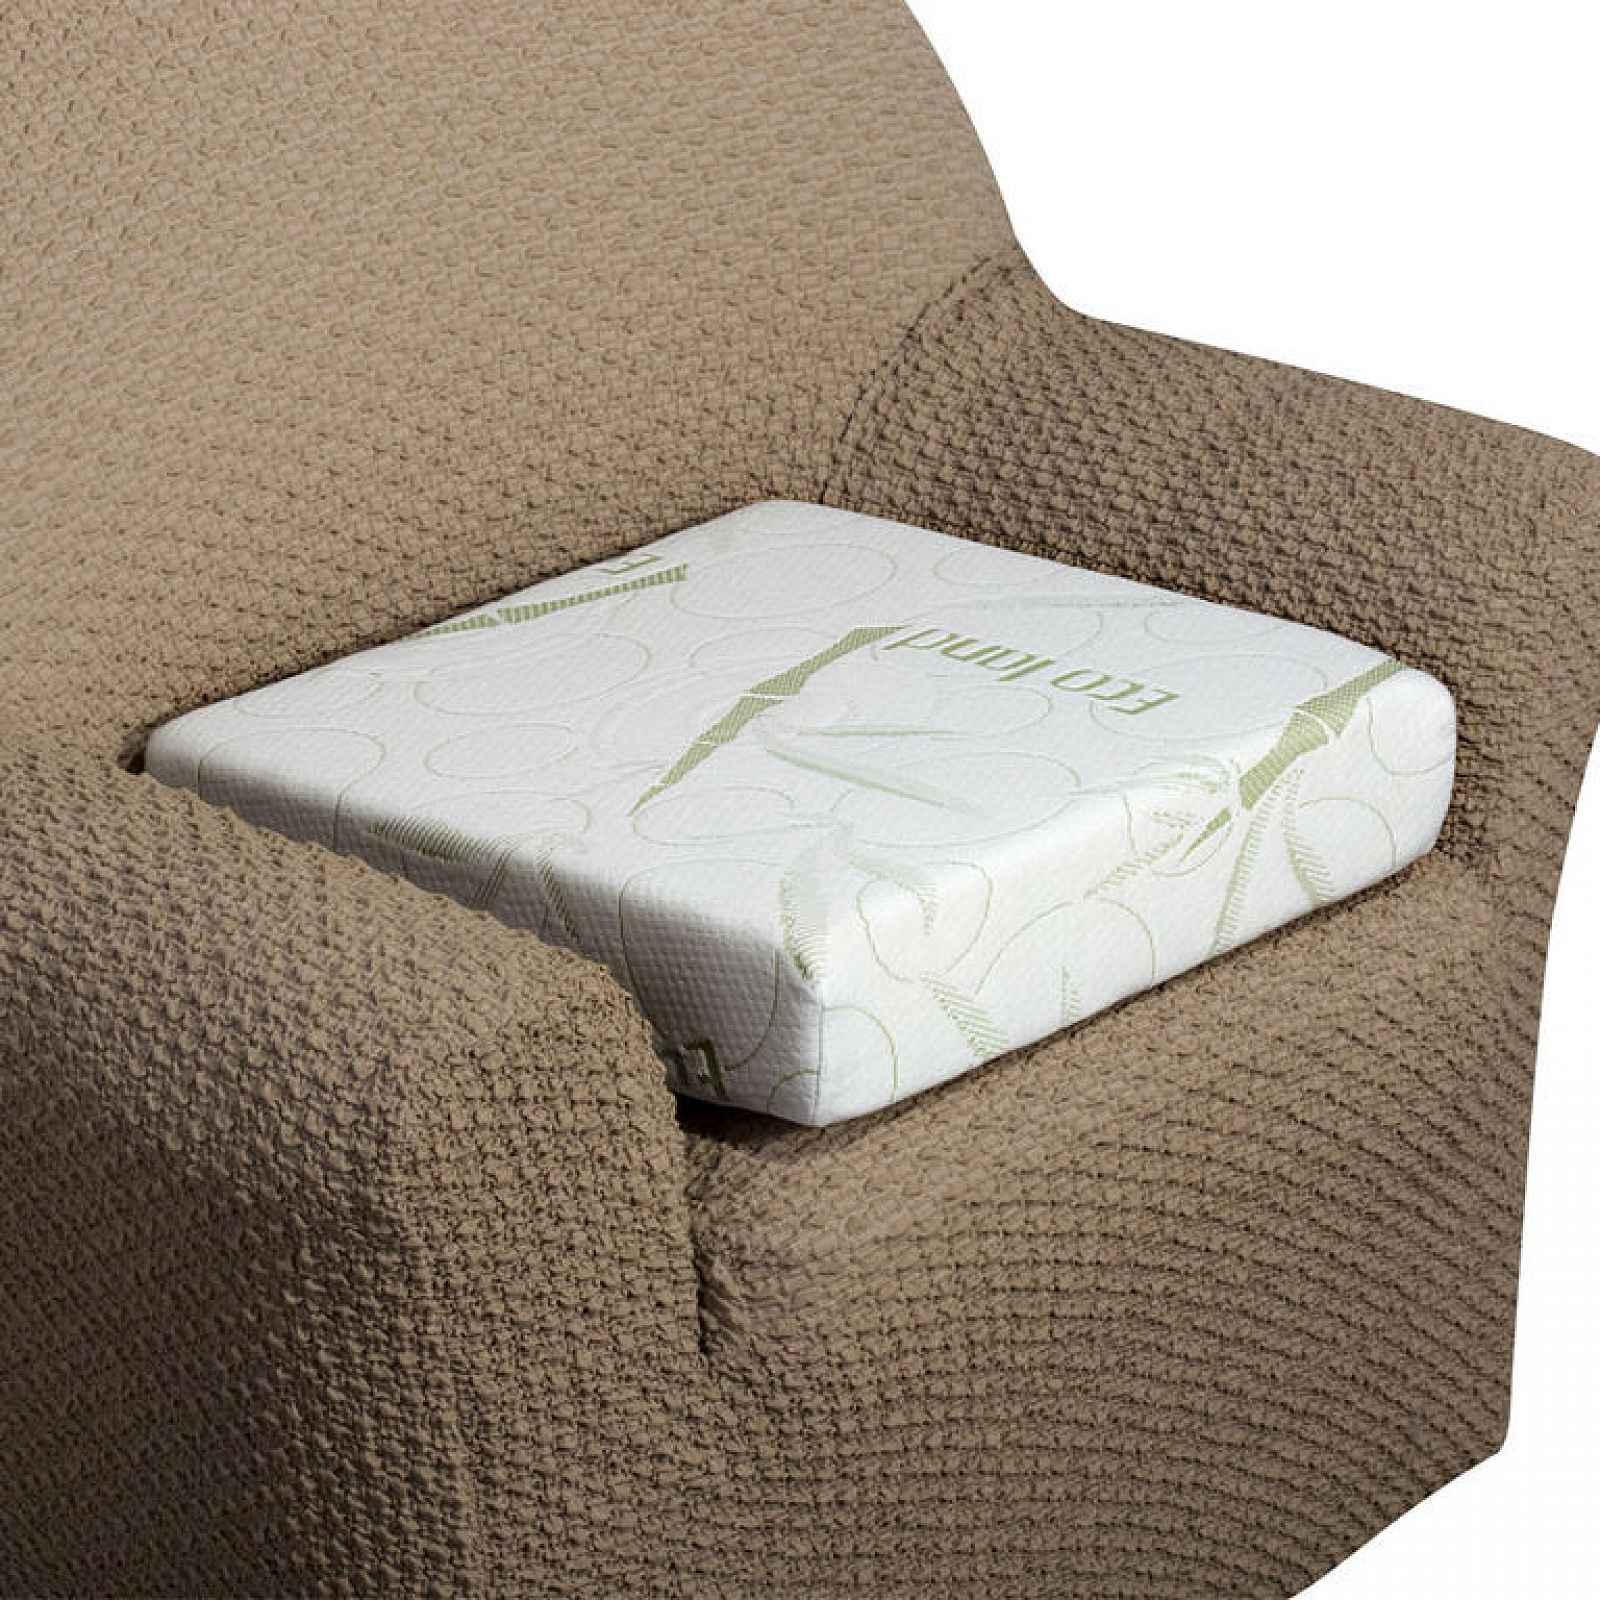 decoDoma Zvýšený relaxační sedák